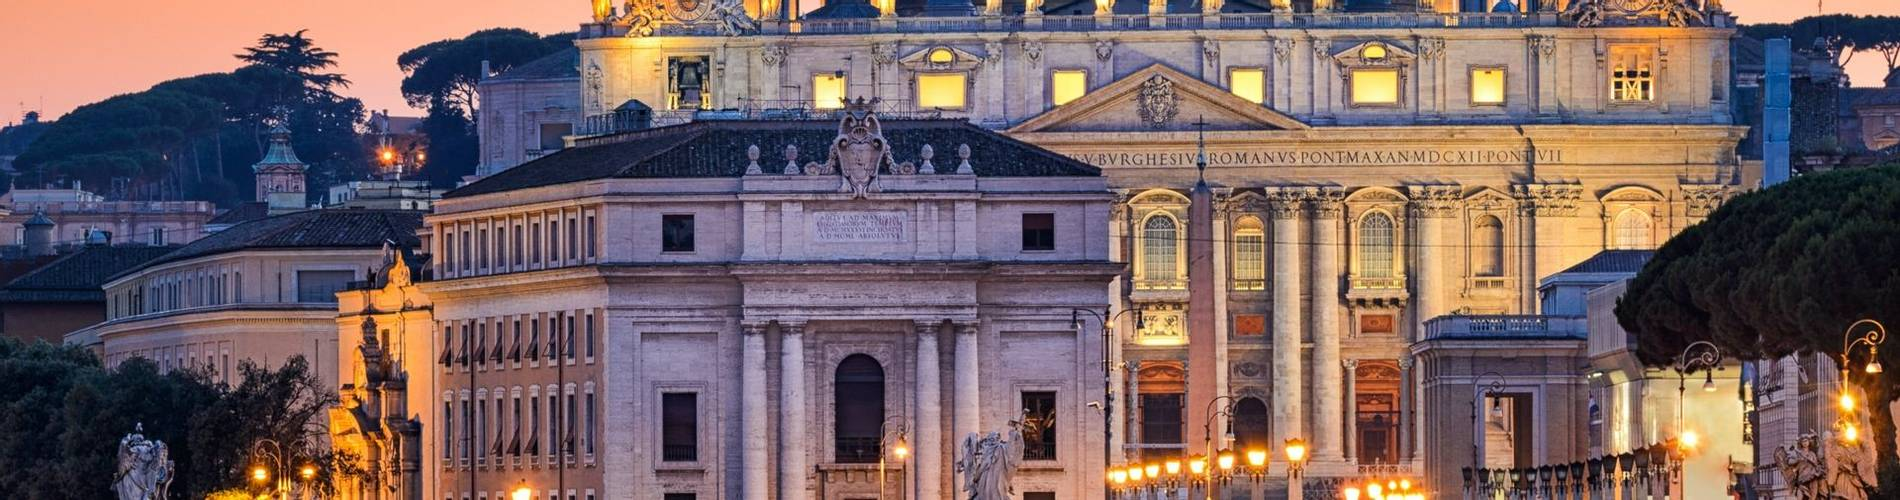 Rome (2).jpg